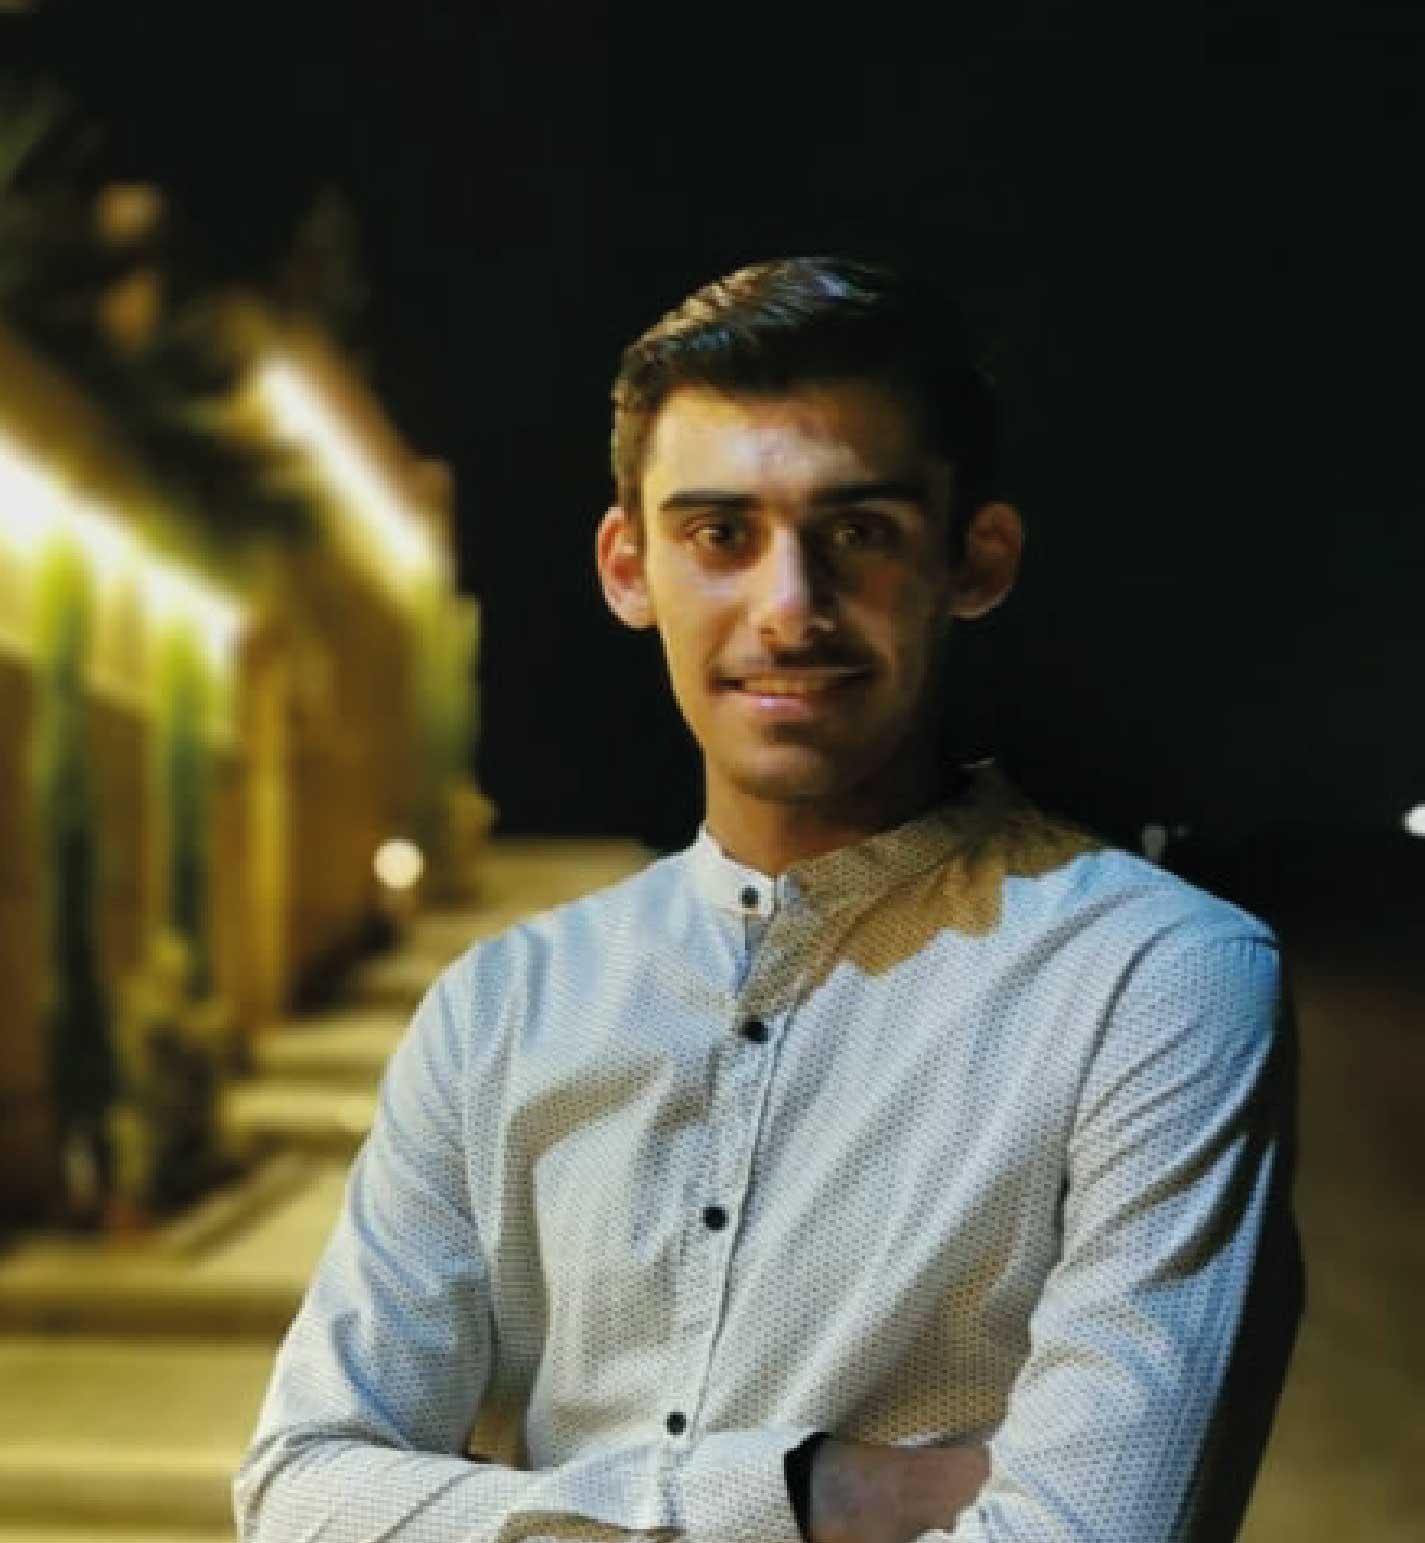 Suhaib Alalaf